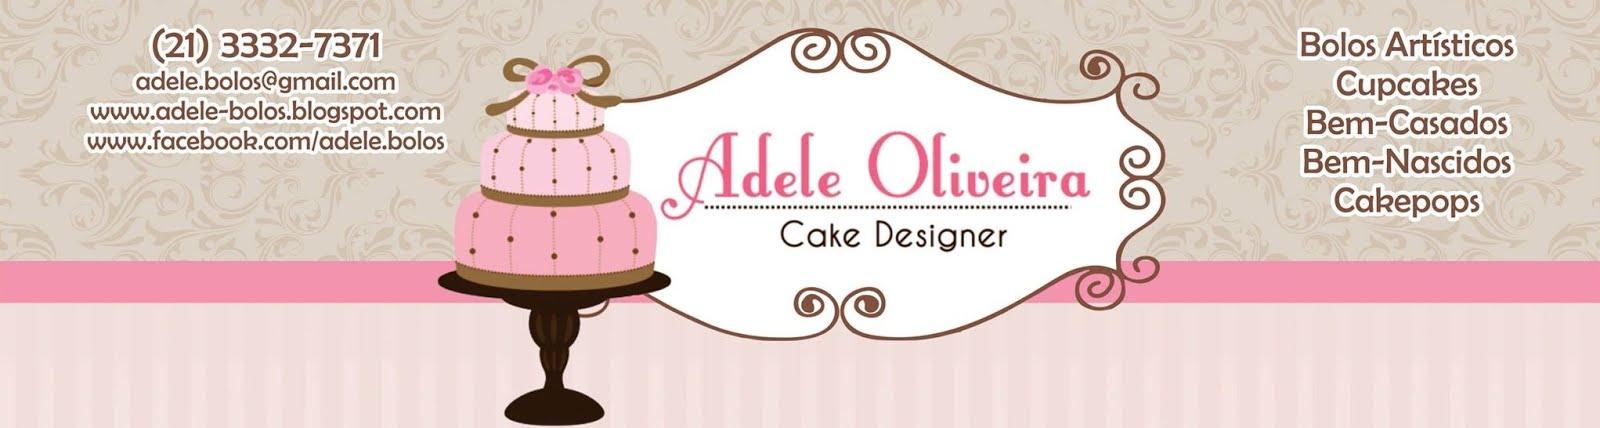 Adele Oliveira